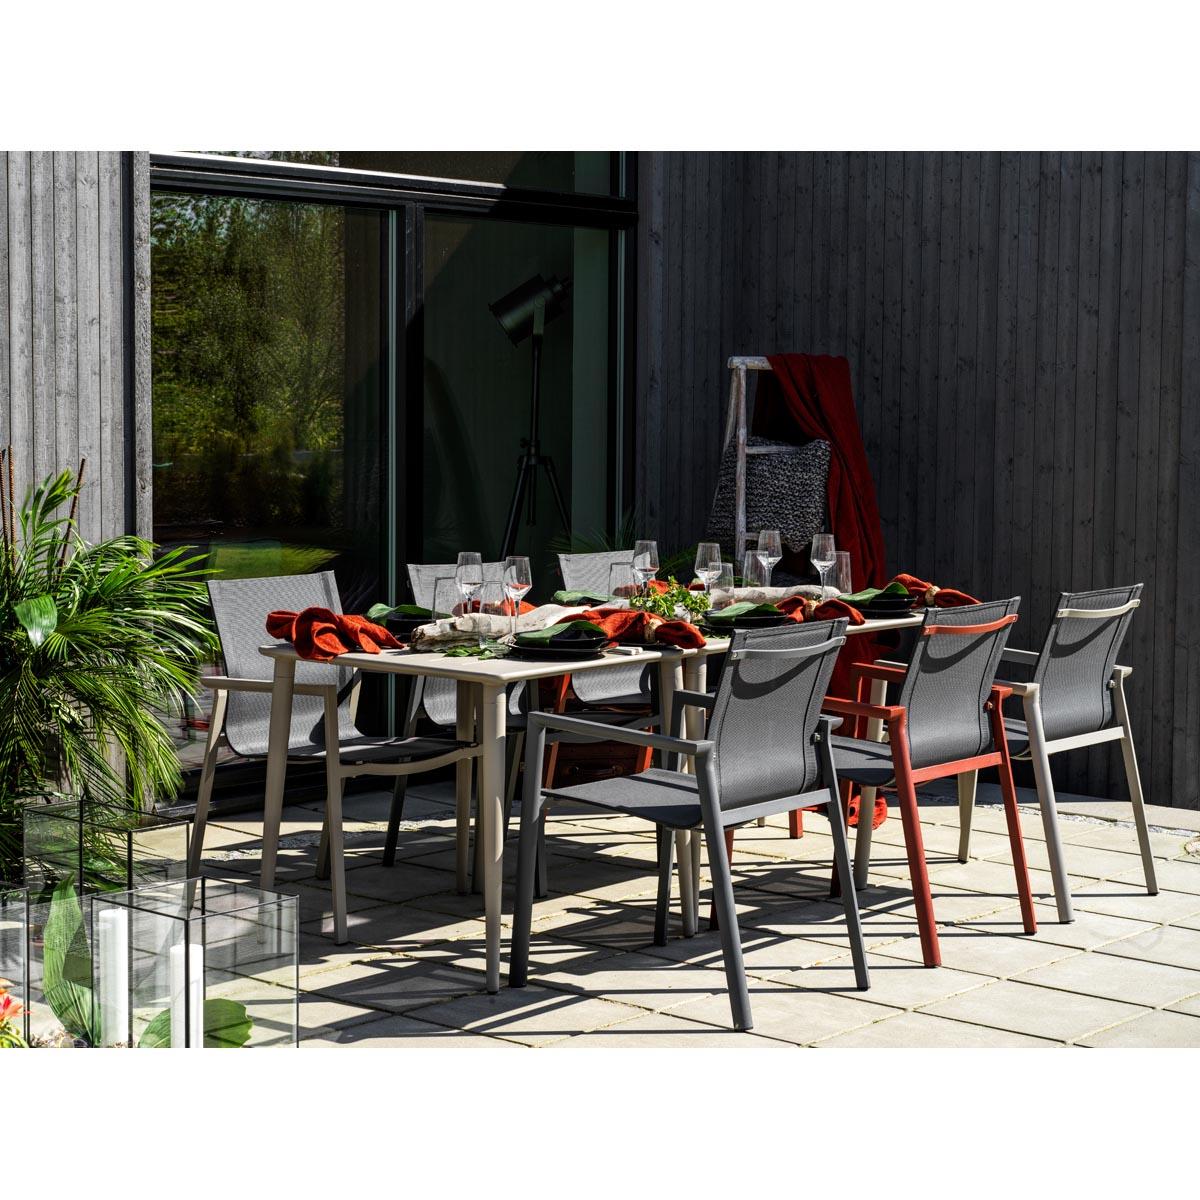 Delia_Nimes_matgrupp-bord-stolar-utemobel-miljo